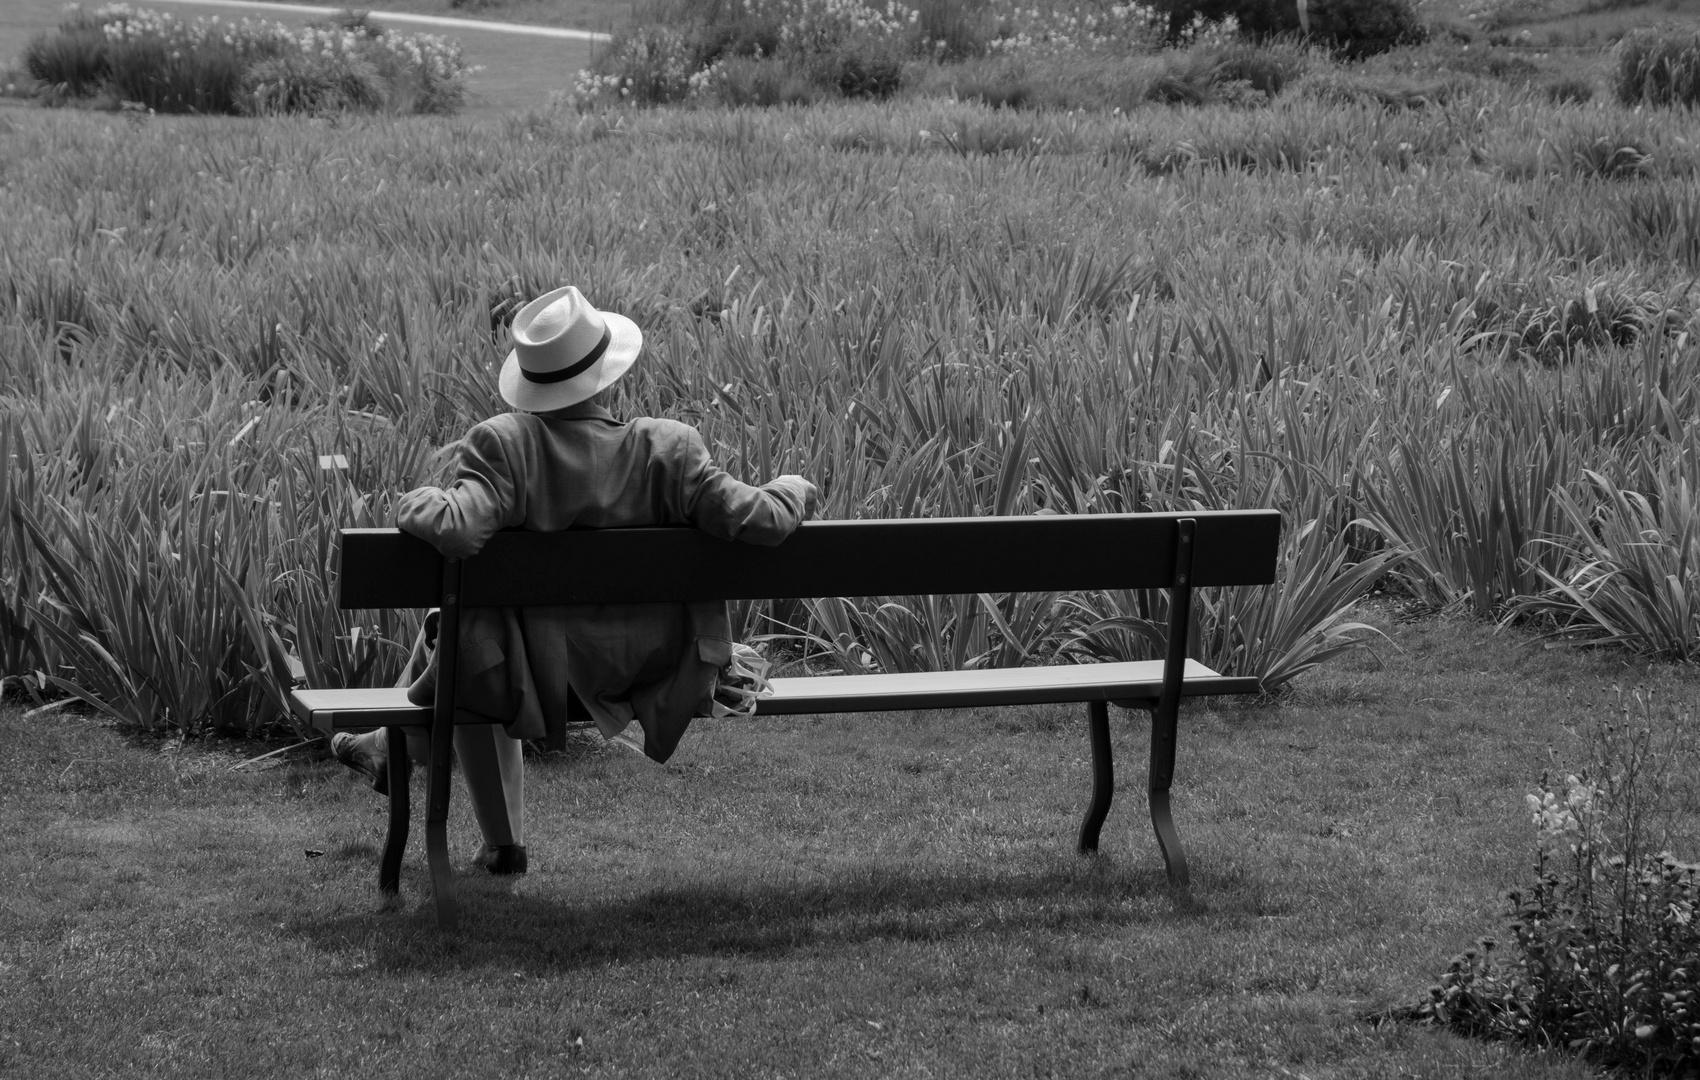 Der alte Mann am Blumenmeer